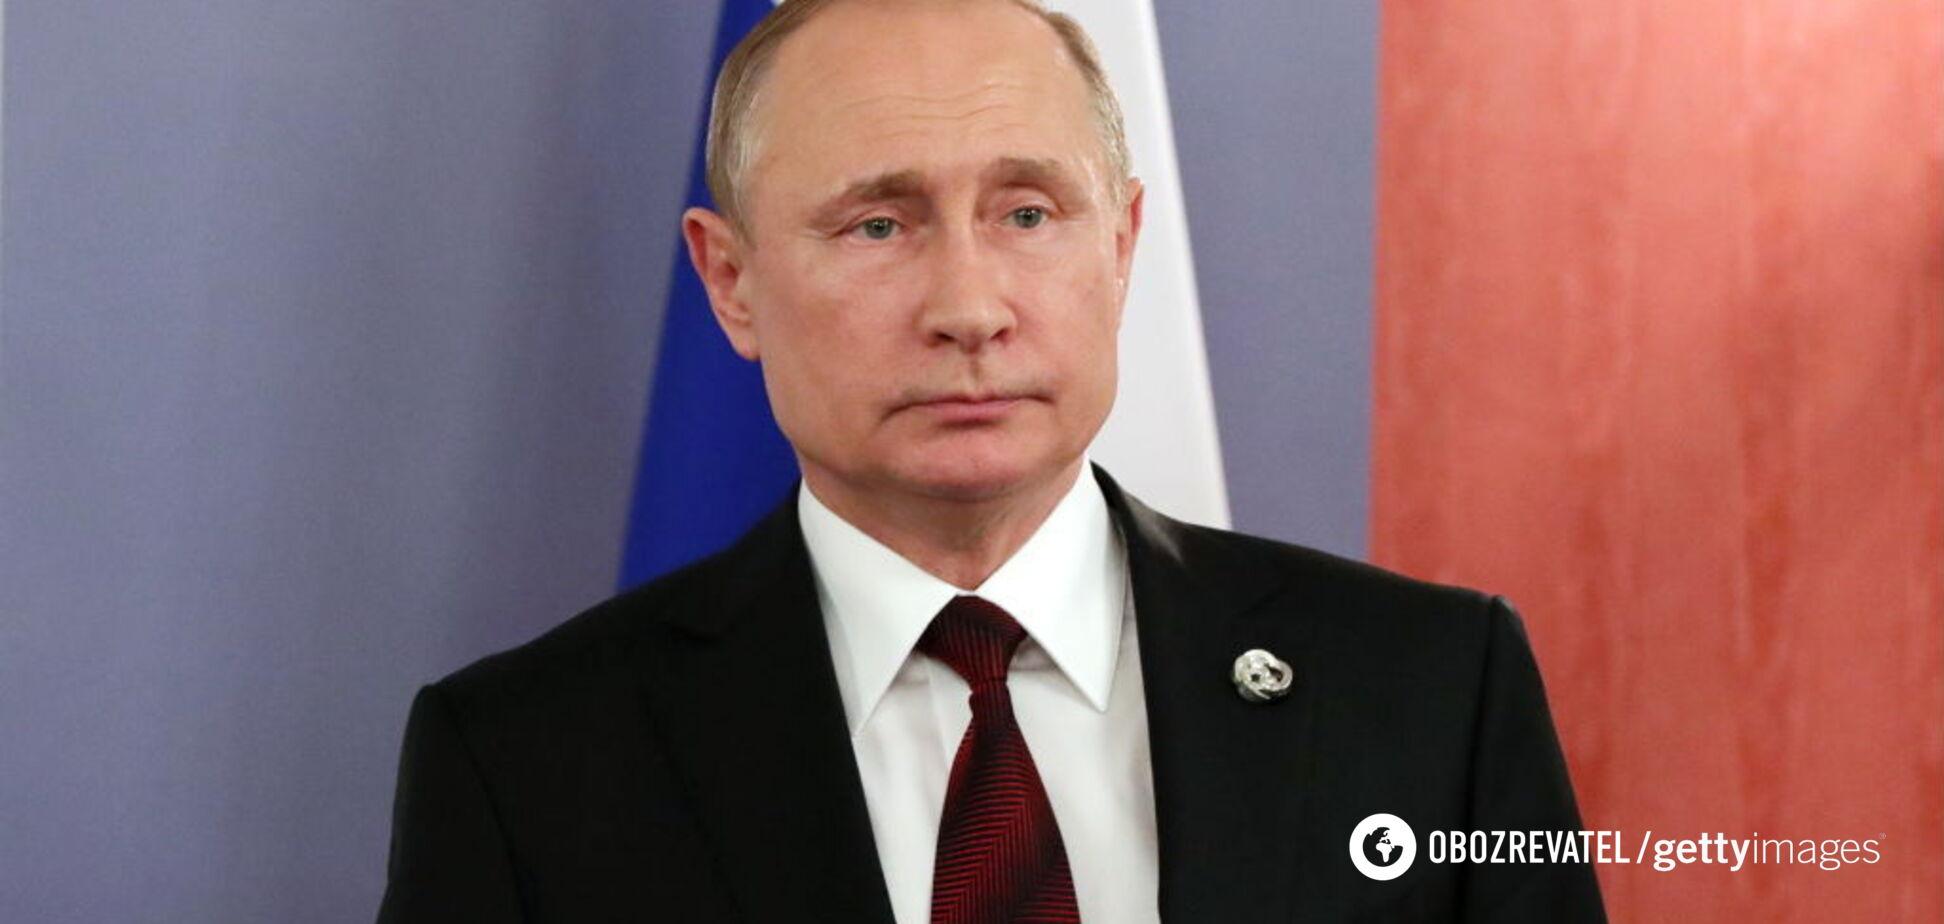 Знаете, почему Путин выигрывает?